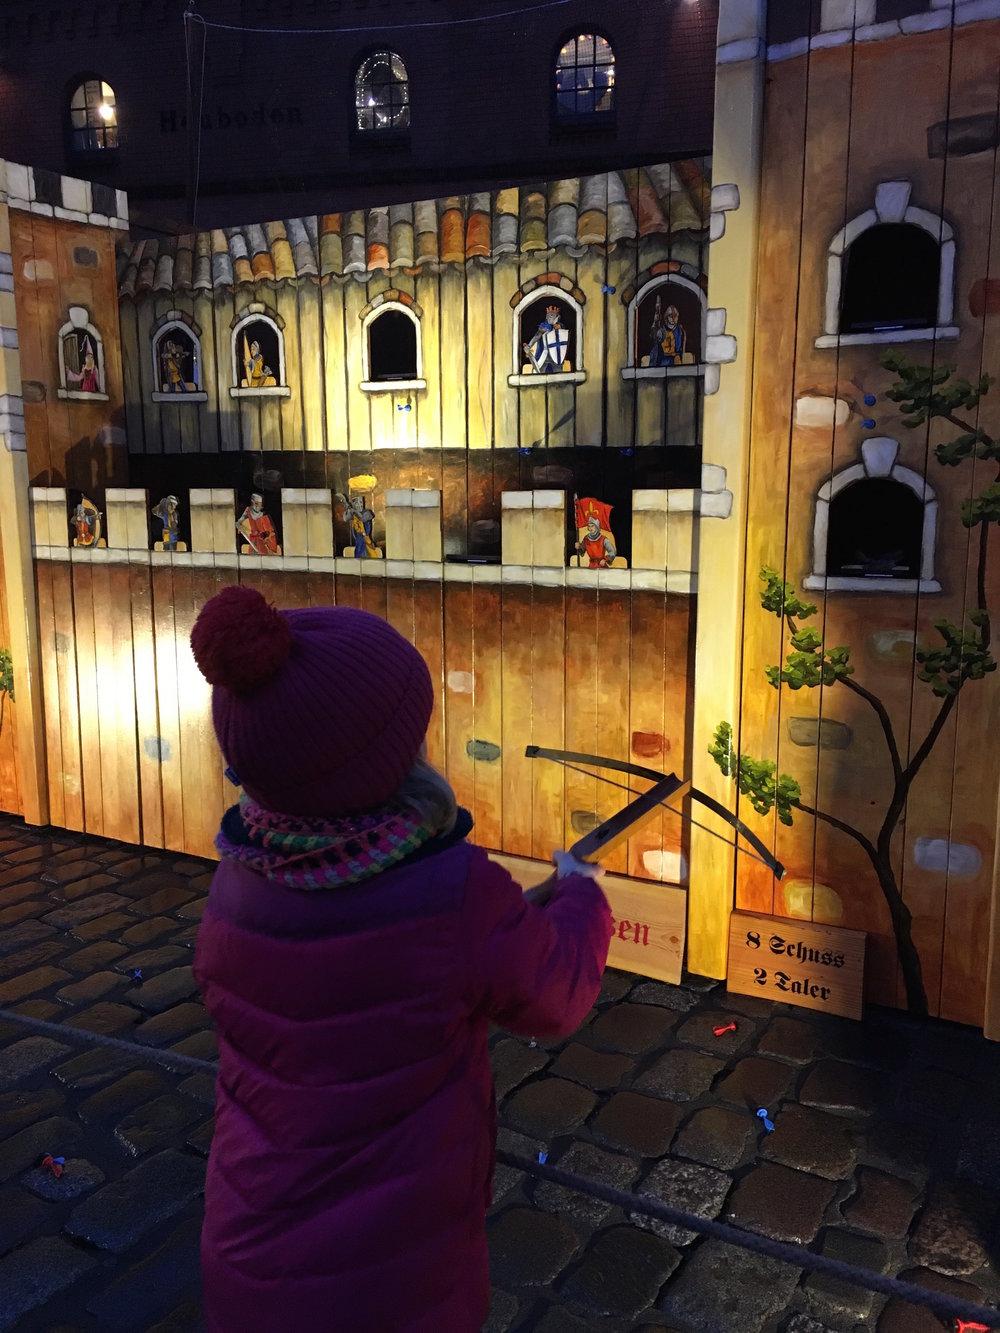 hoiberlin-weihnachtsmarkt-02.jpg